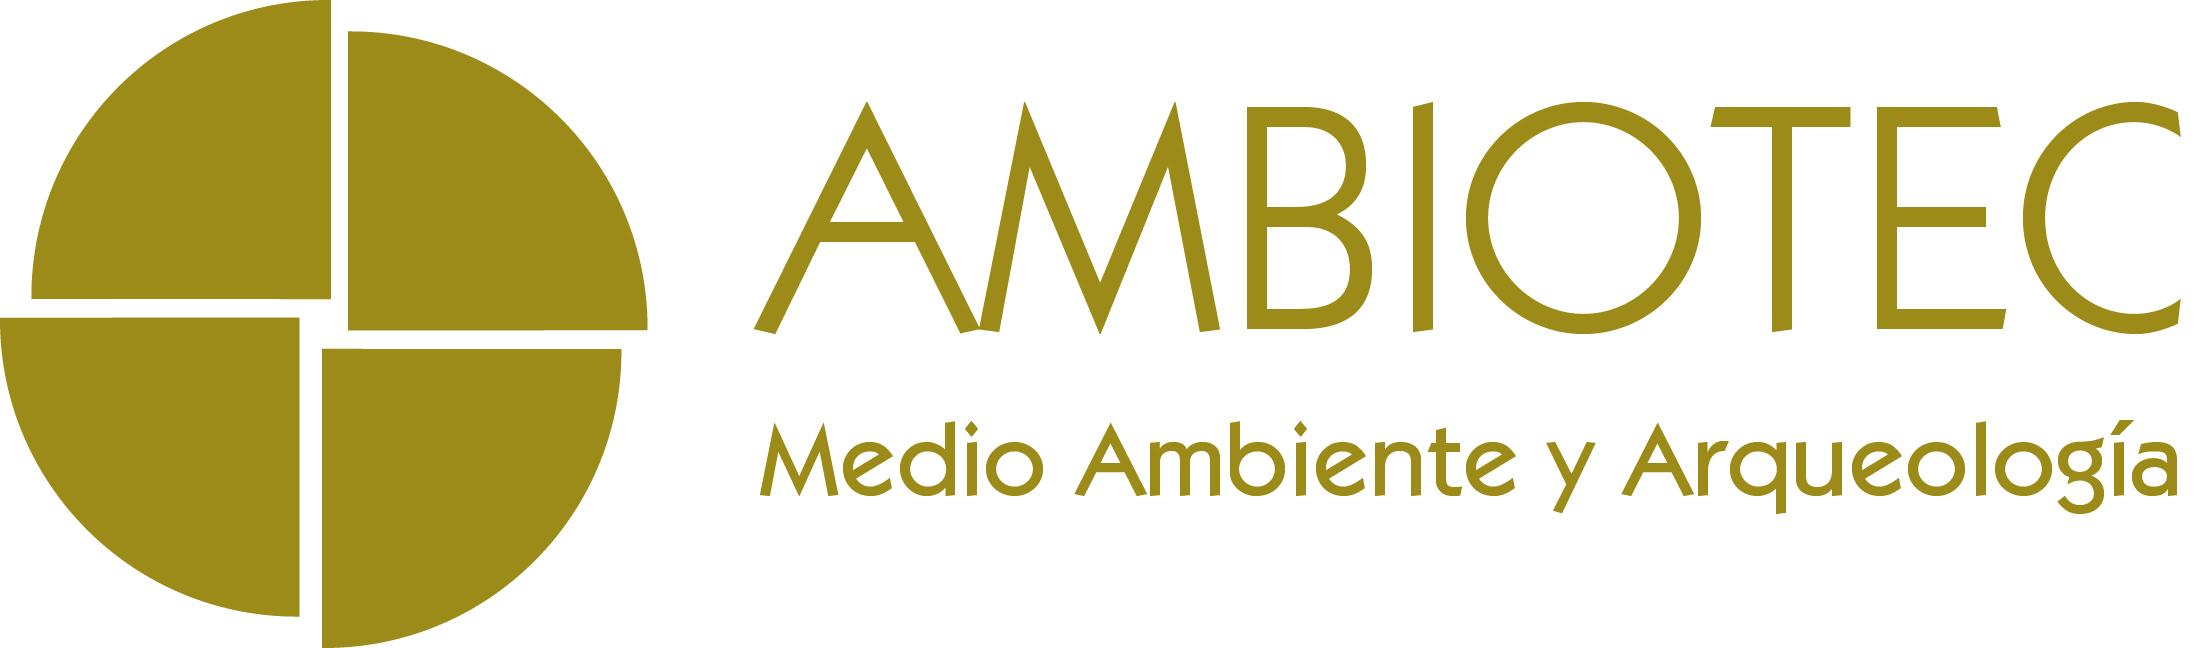 Logo. Medio ambiente y arqueología